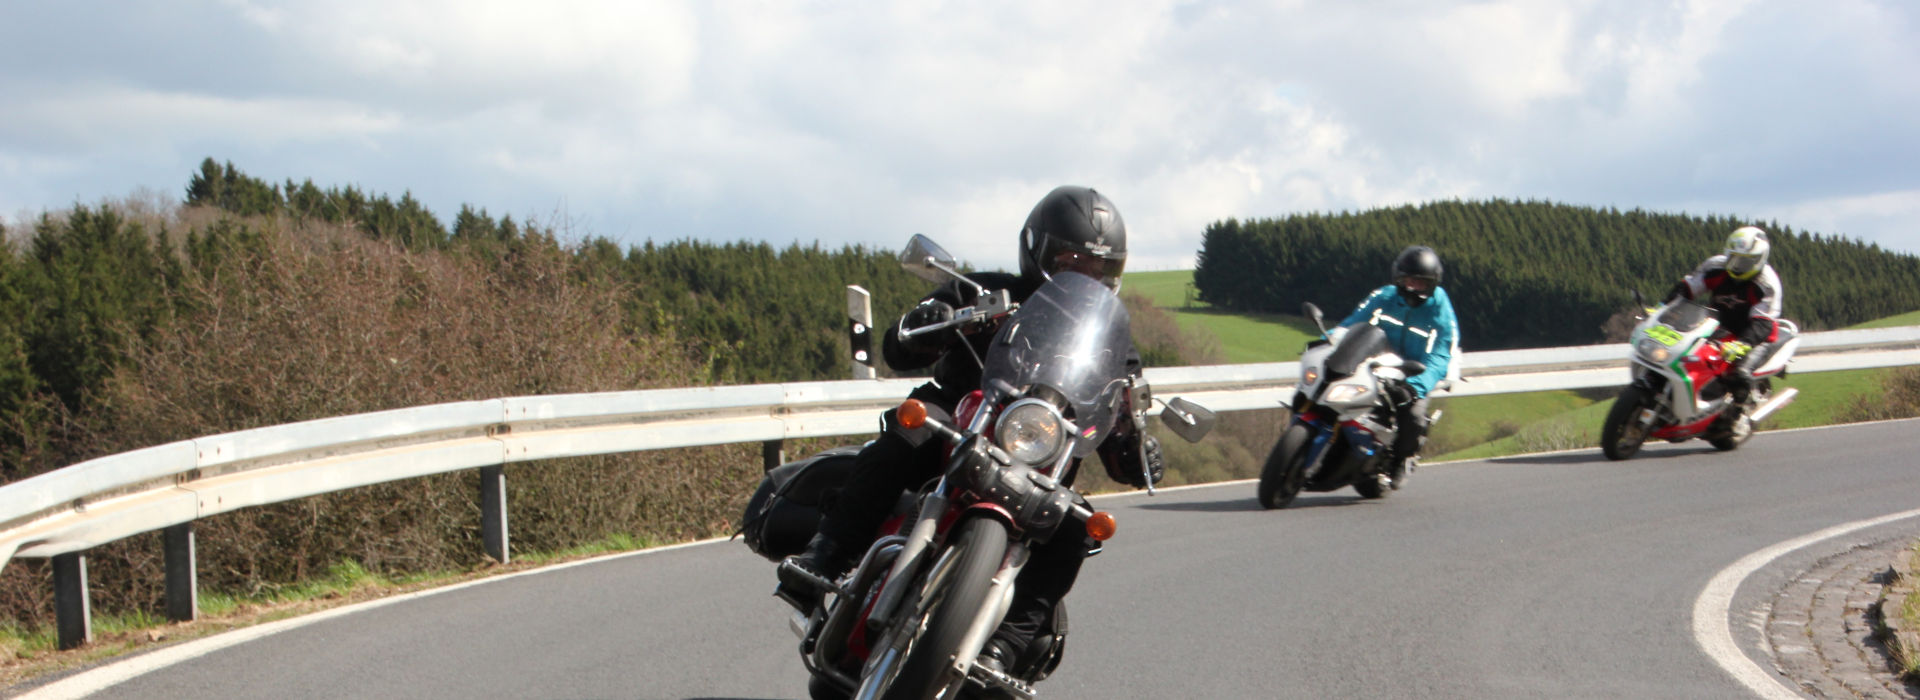 Motorrijbewijspoint Wijk bij Duurstede motorrijcholen